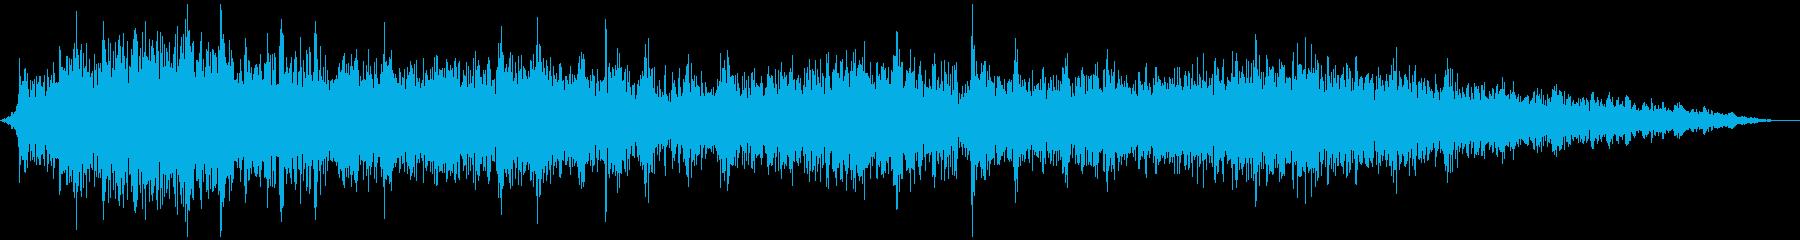 電車が駅に到着し減速する音の再生済みの波形